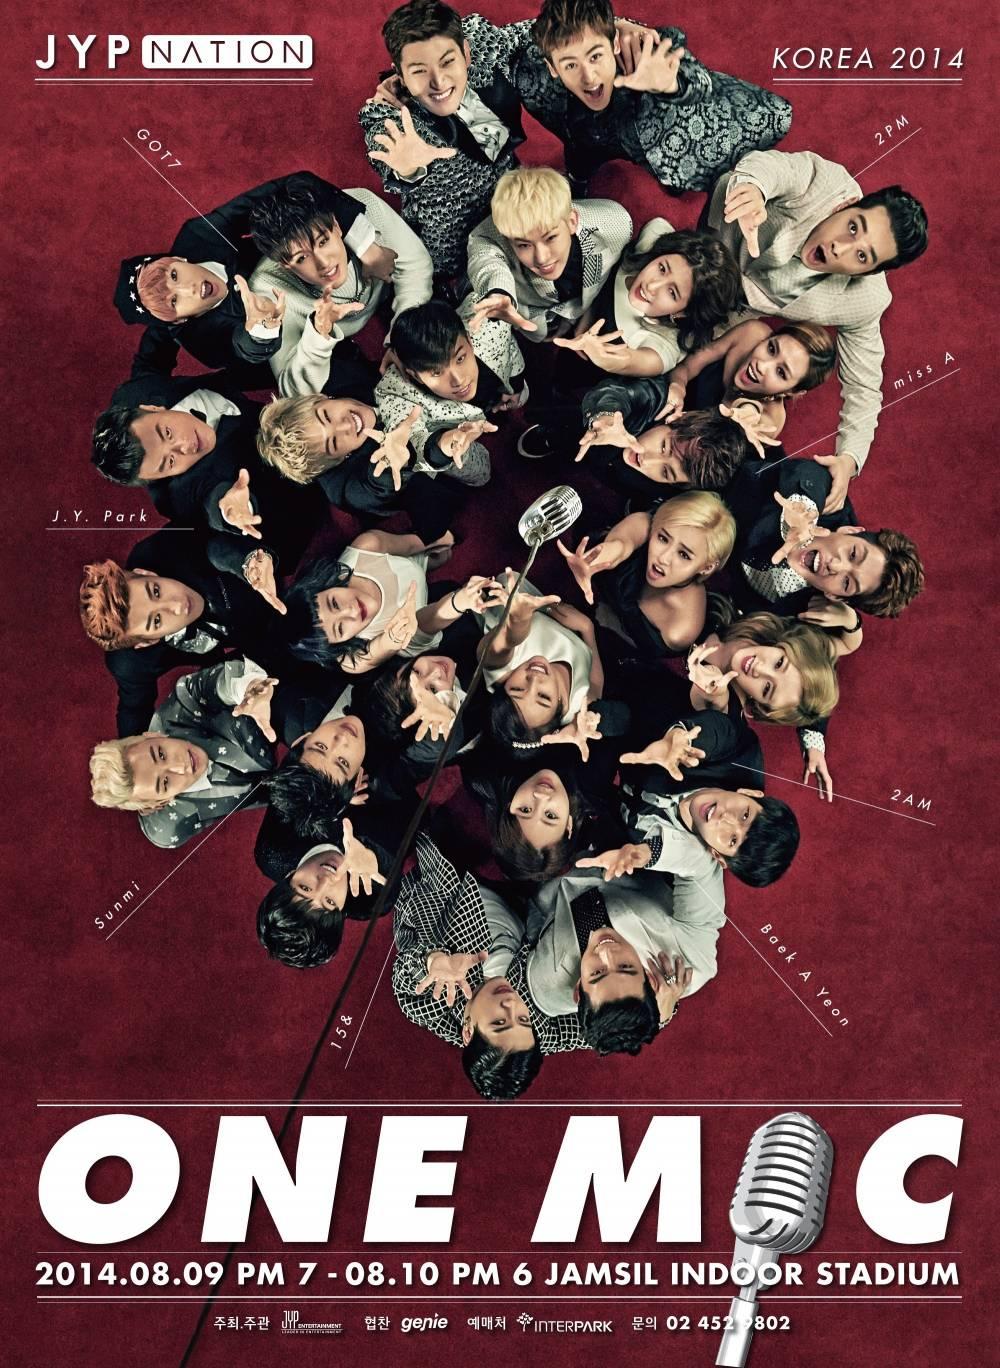 2AM, 2PM, miss A, Jang Woo Hyuk, Baek Ah Yeon, J.Y. Park, Sunmi, GOT7